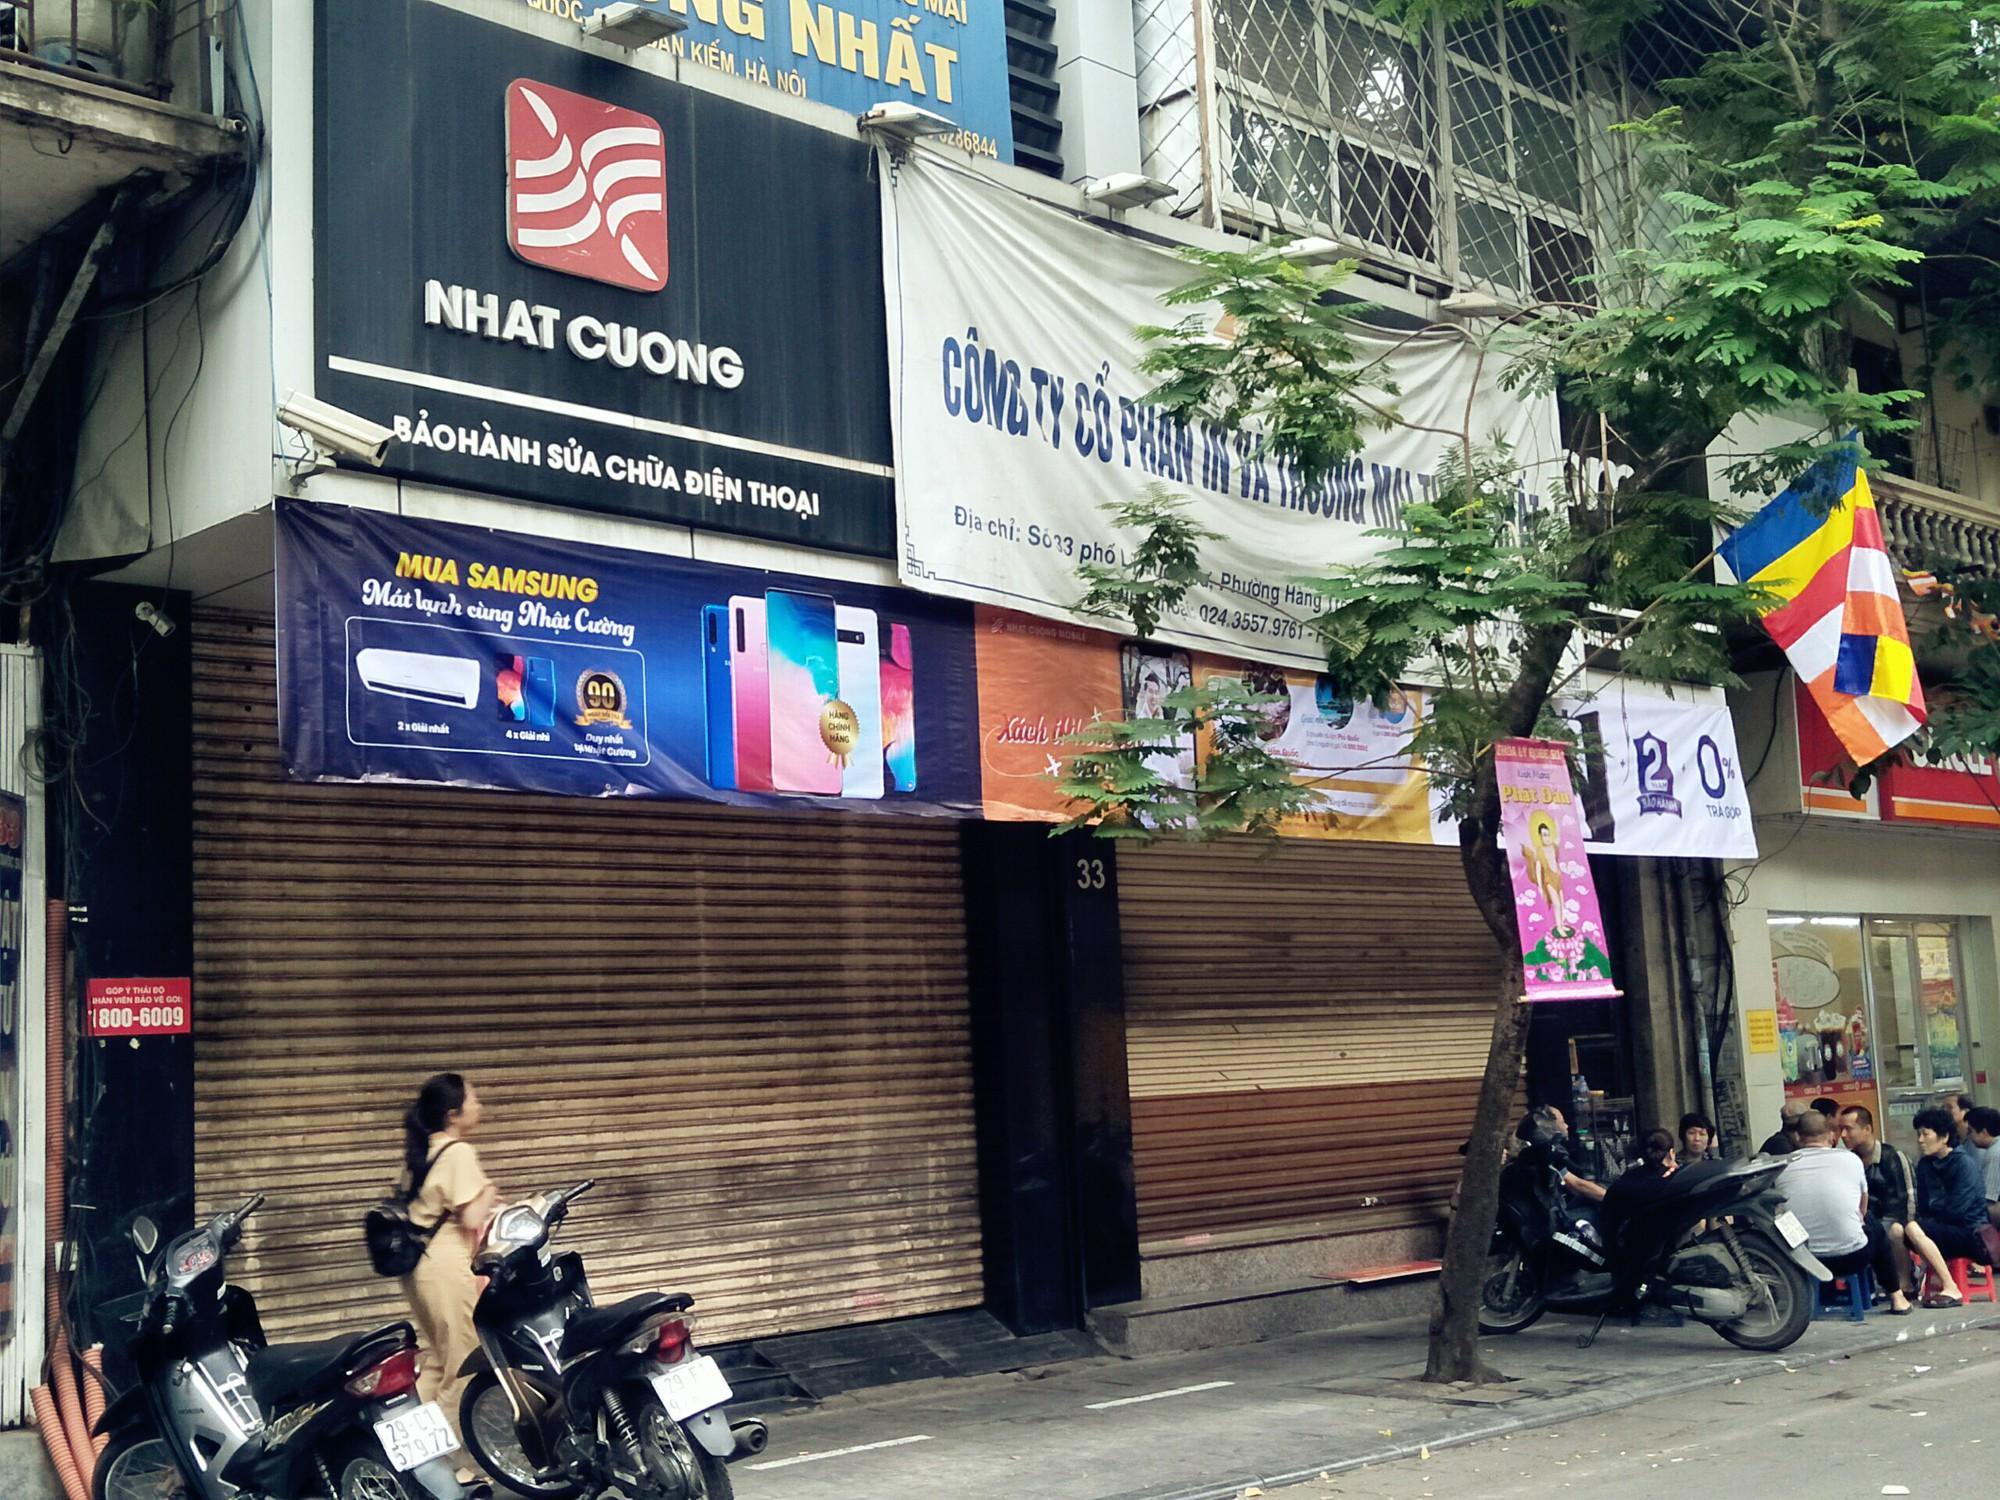 Nhật Cường: Từ Top 50 ICT Vietnam, đối tác của nhiều ông lớn đến bị khám xét suốt 12 tiếng - Ảnh 1.